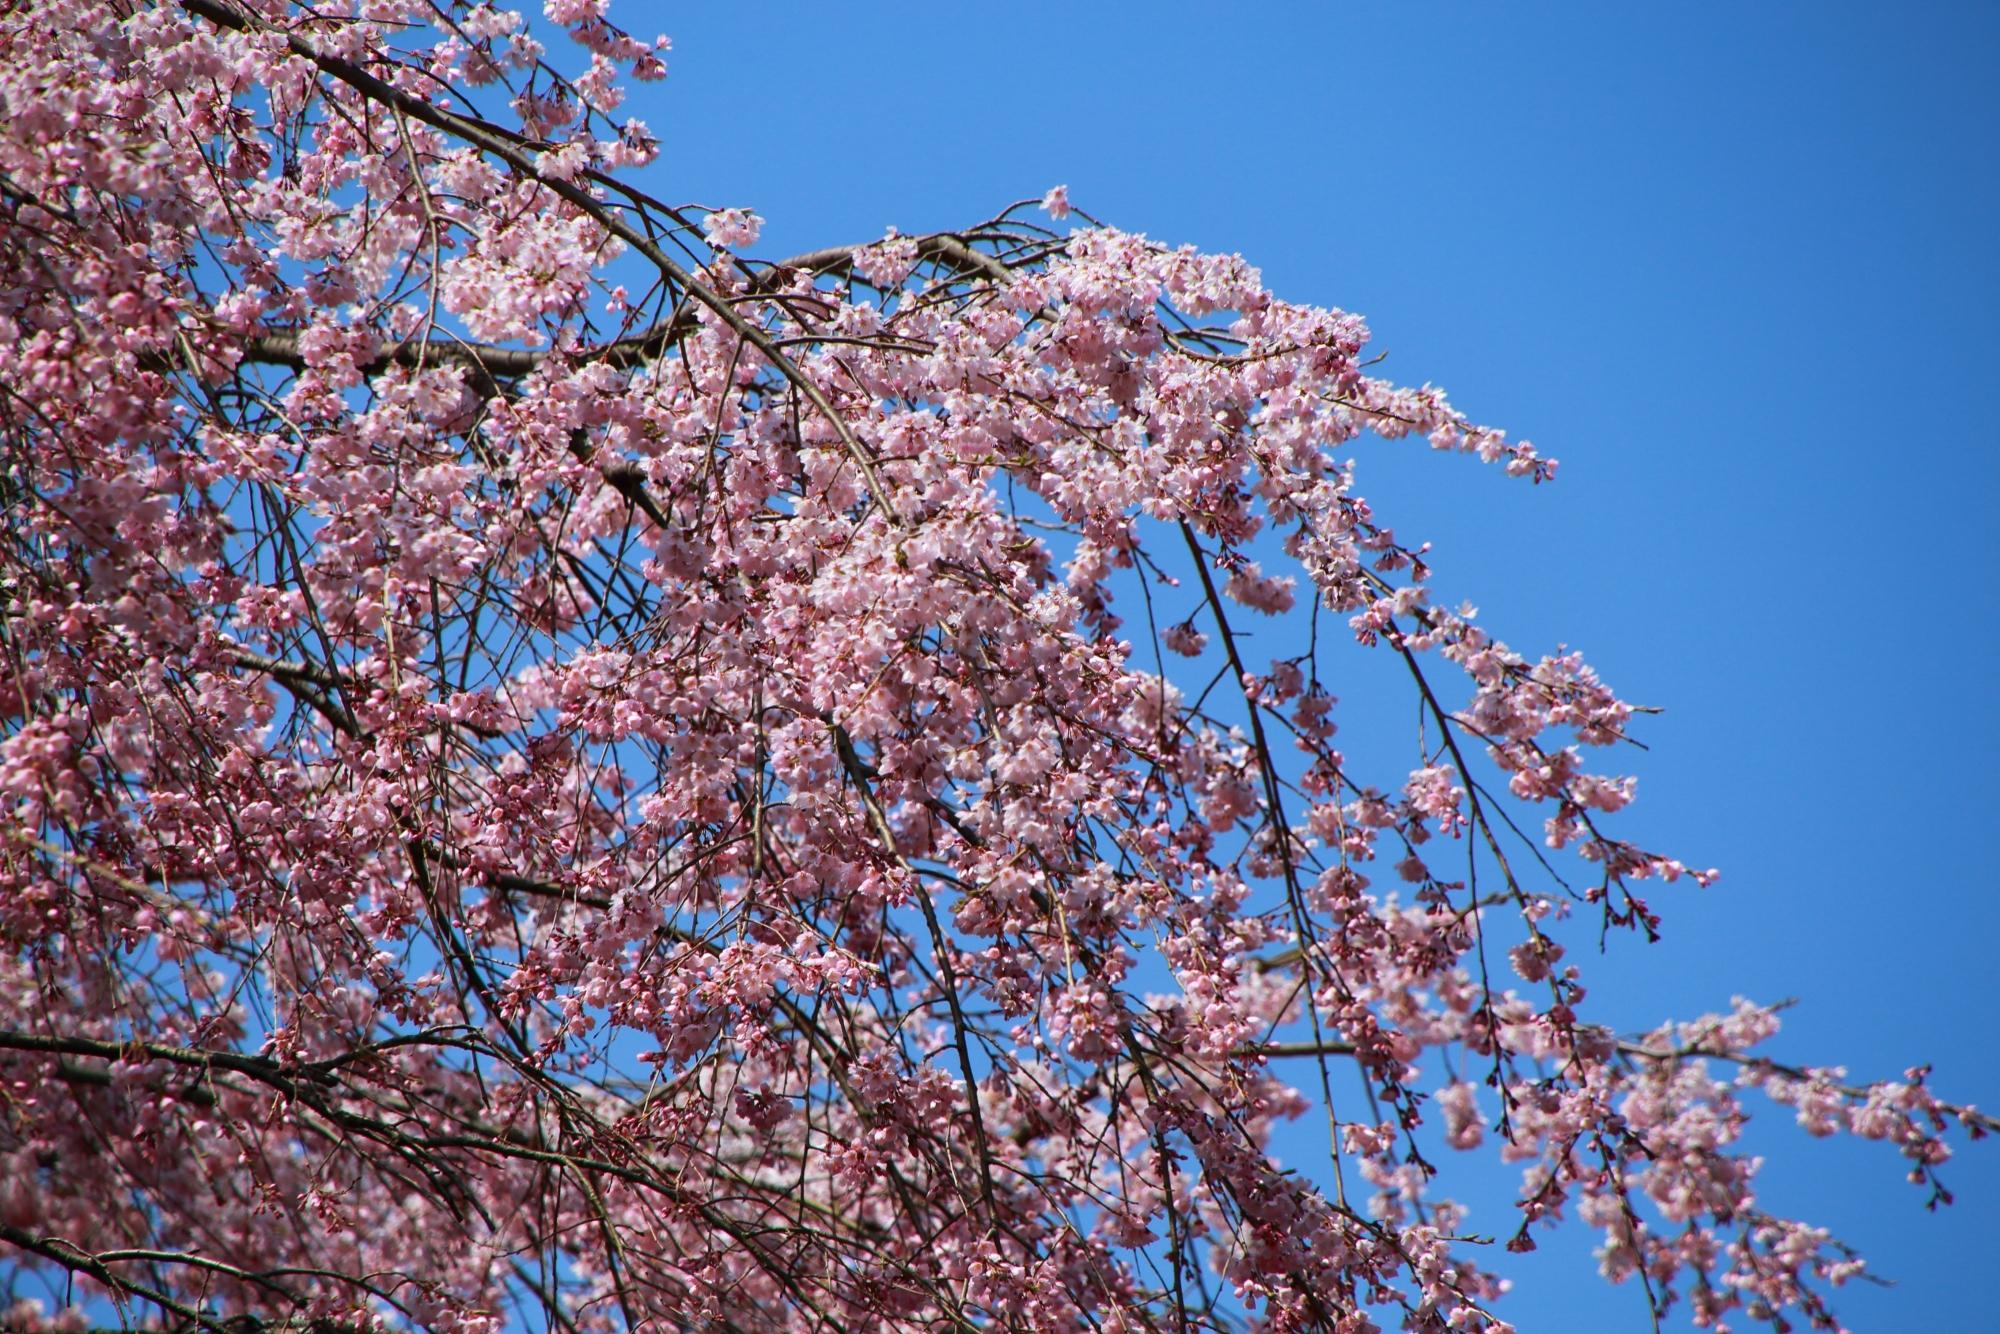 青空を華やかなピンクに彩るさくら